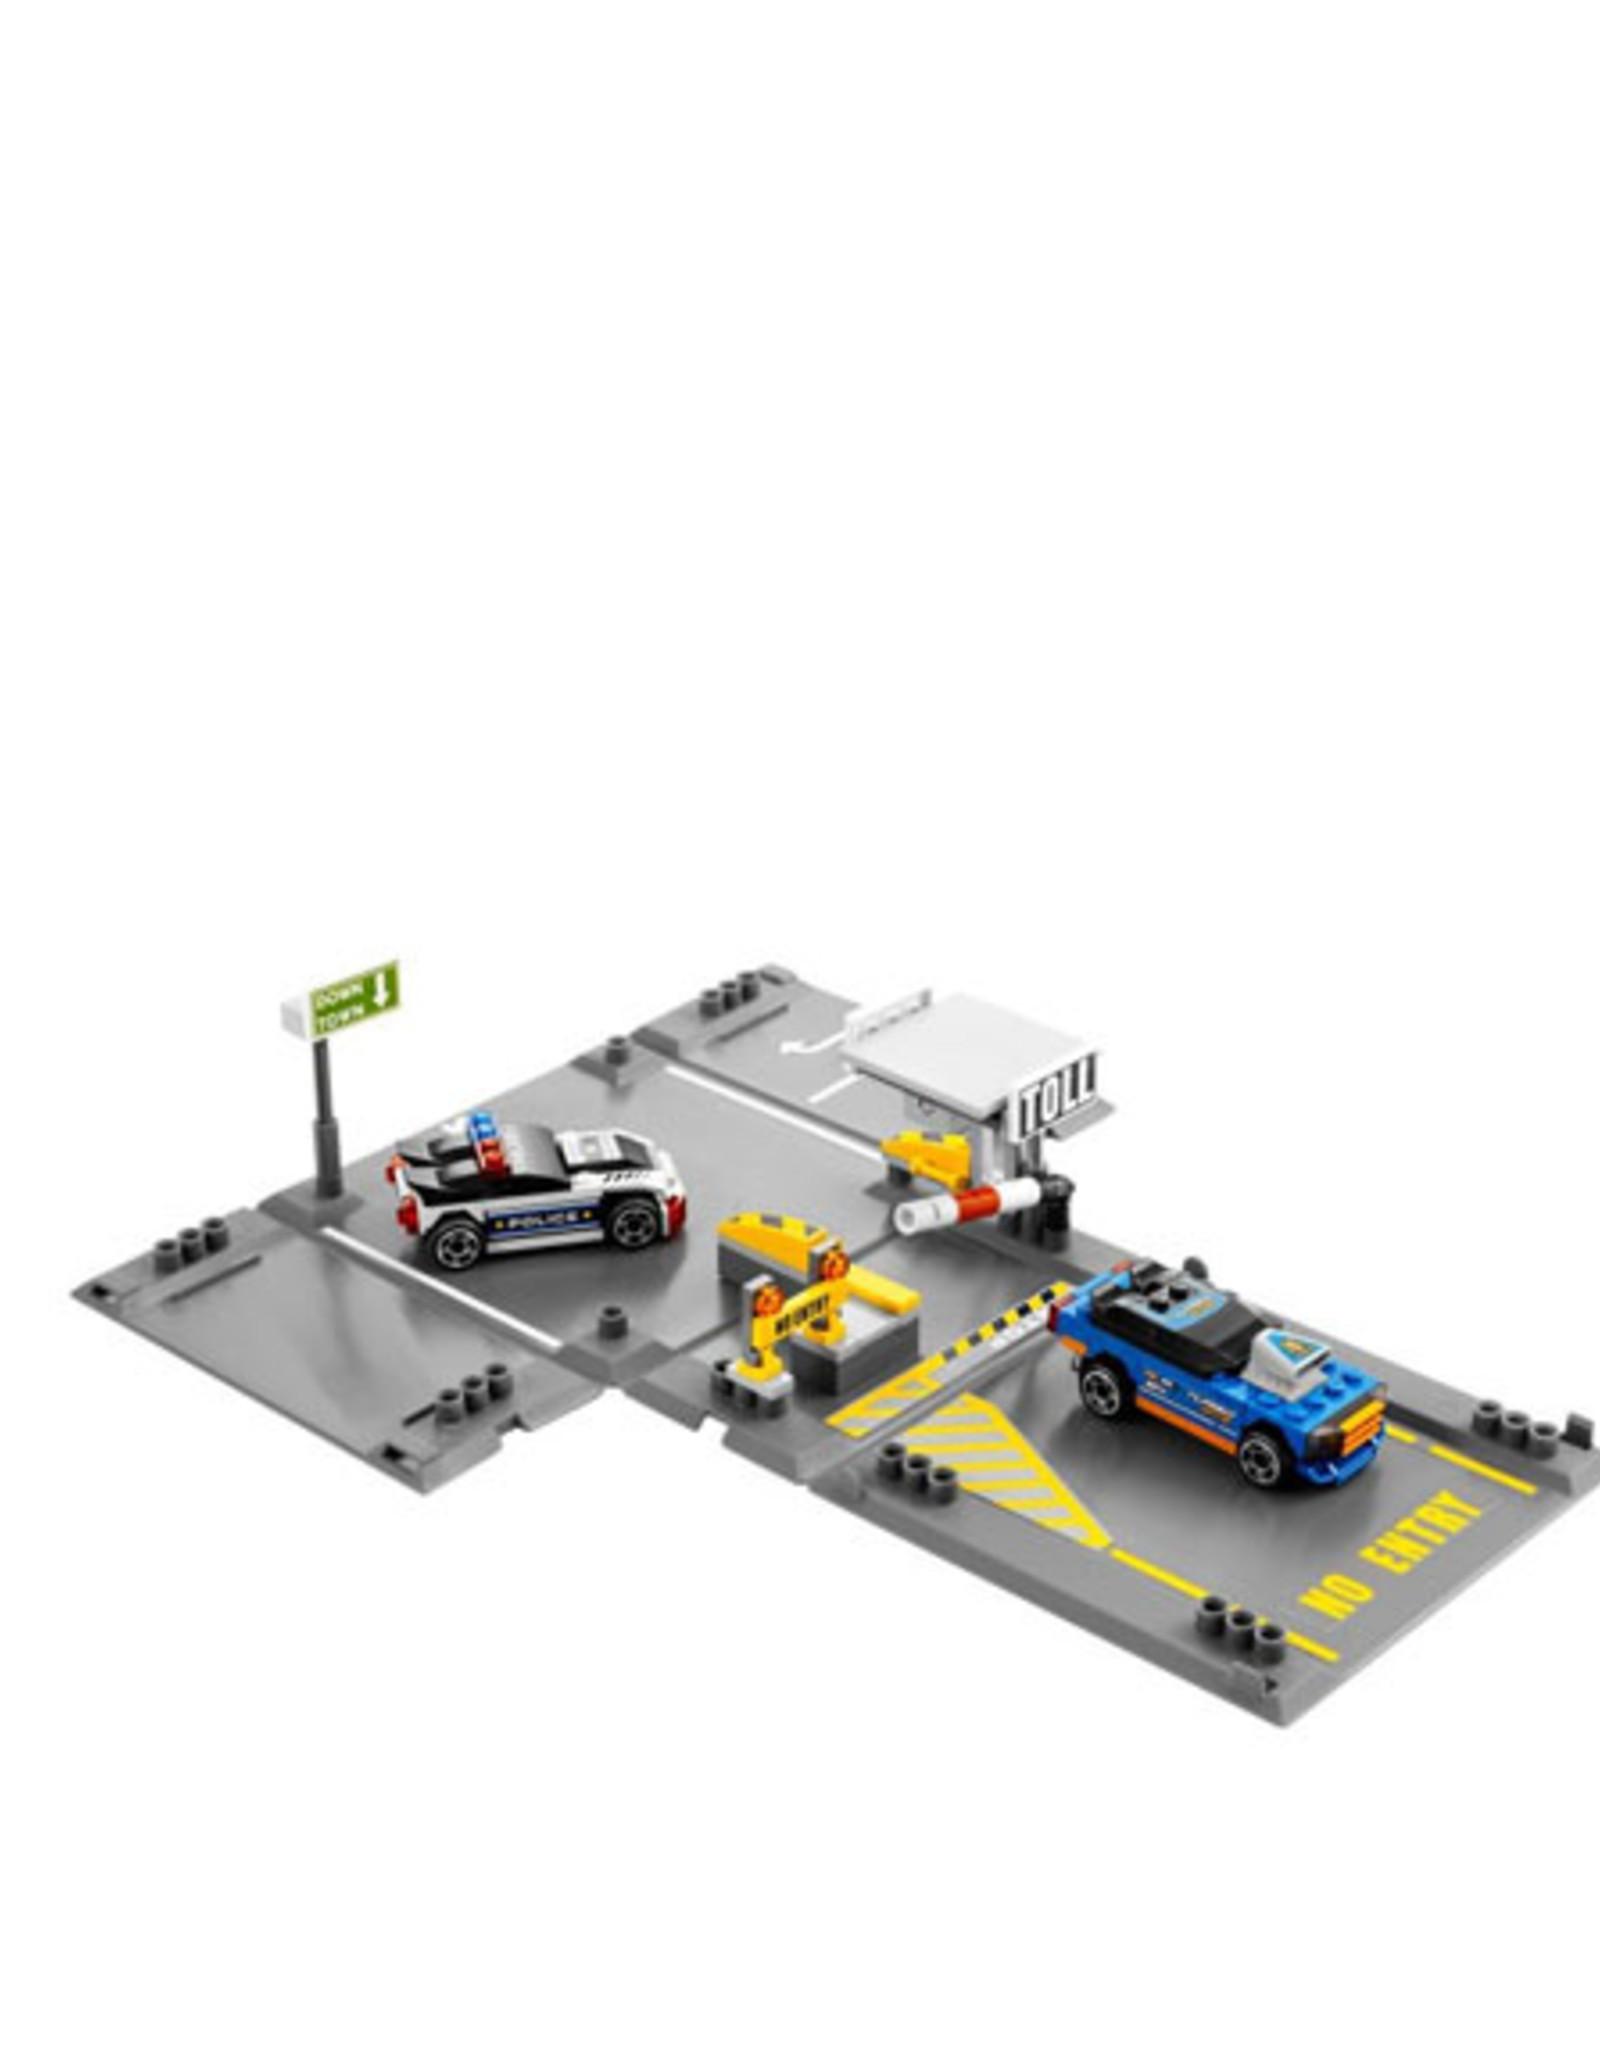 LEGO LEGO 8197 Highway Chaos RACERS